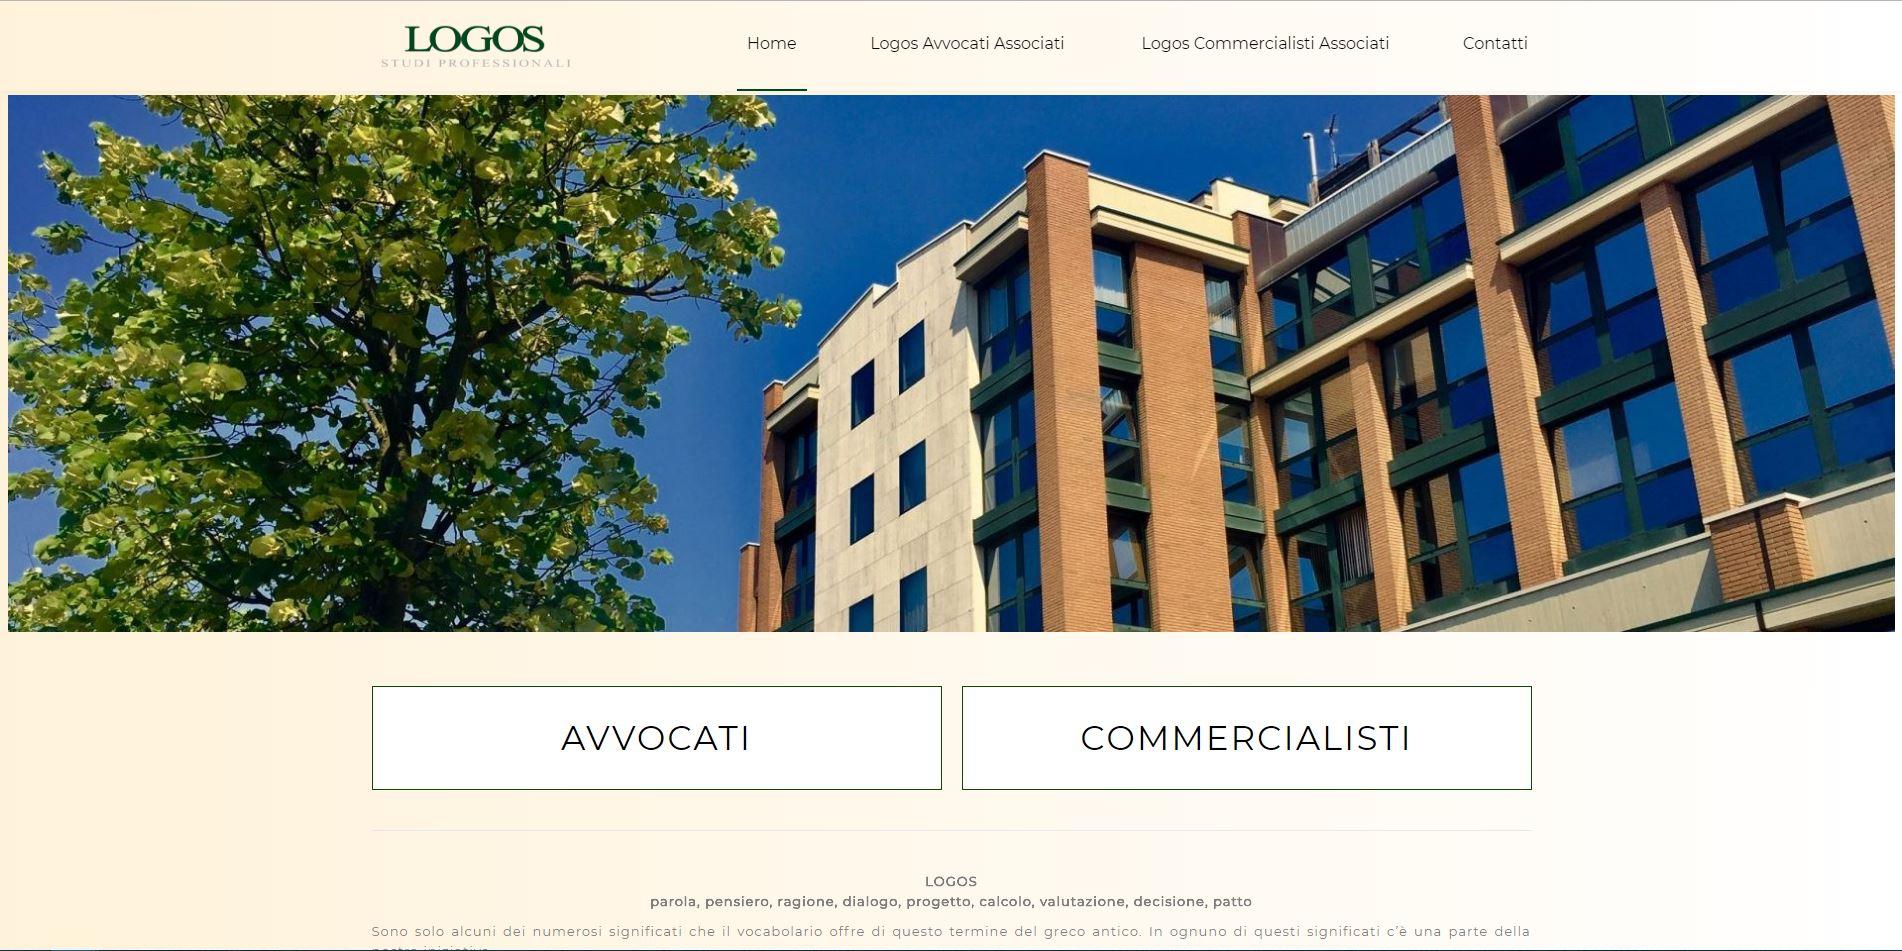 Home-page-Logos-studi-professionali-sviluppo-siti-web-Jtp-Informatica